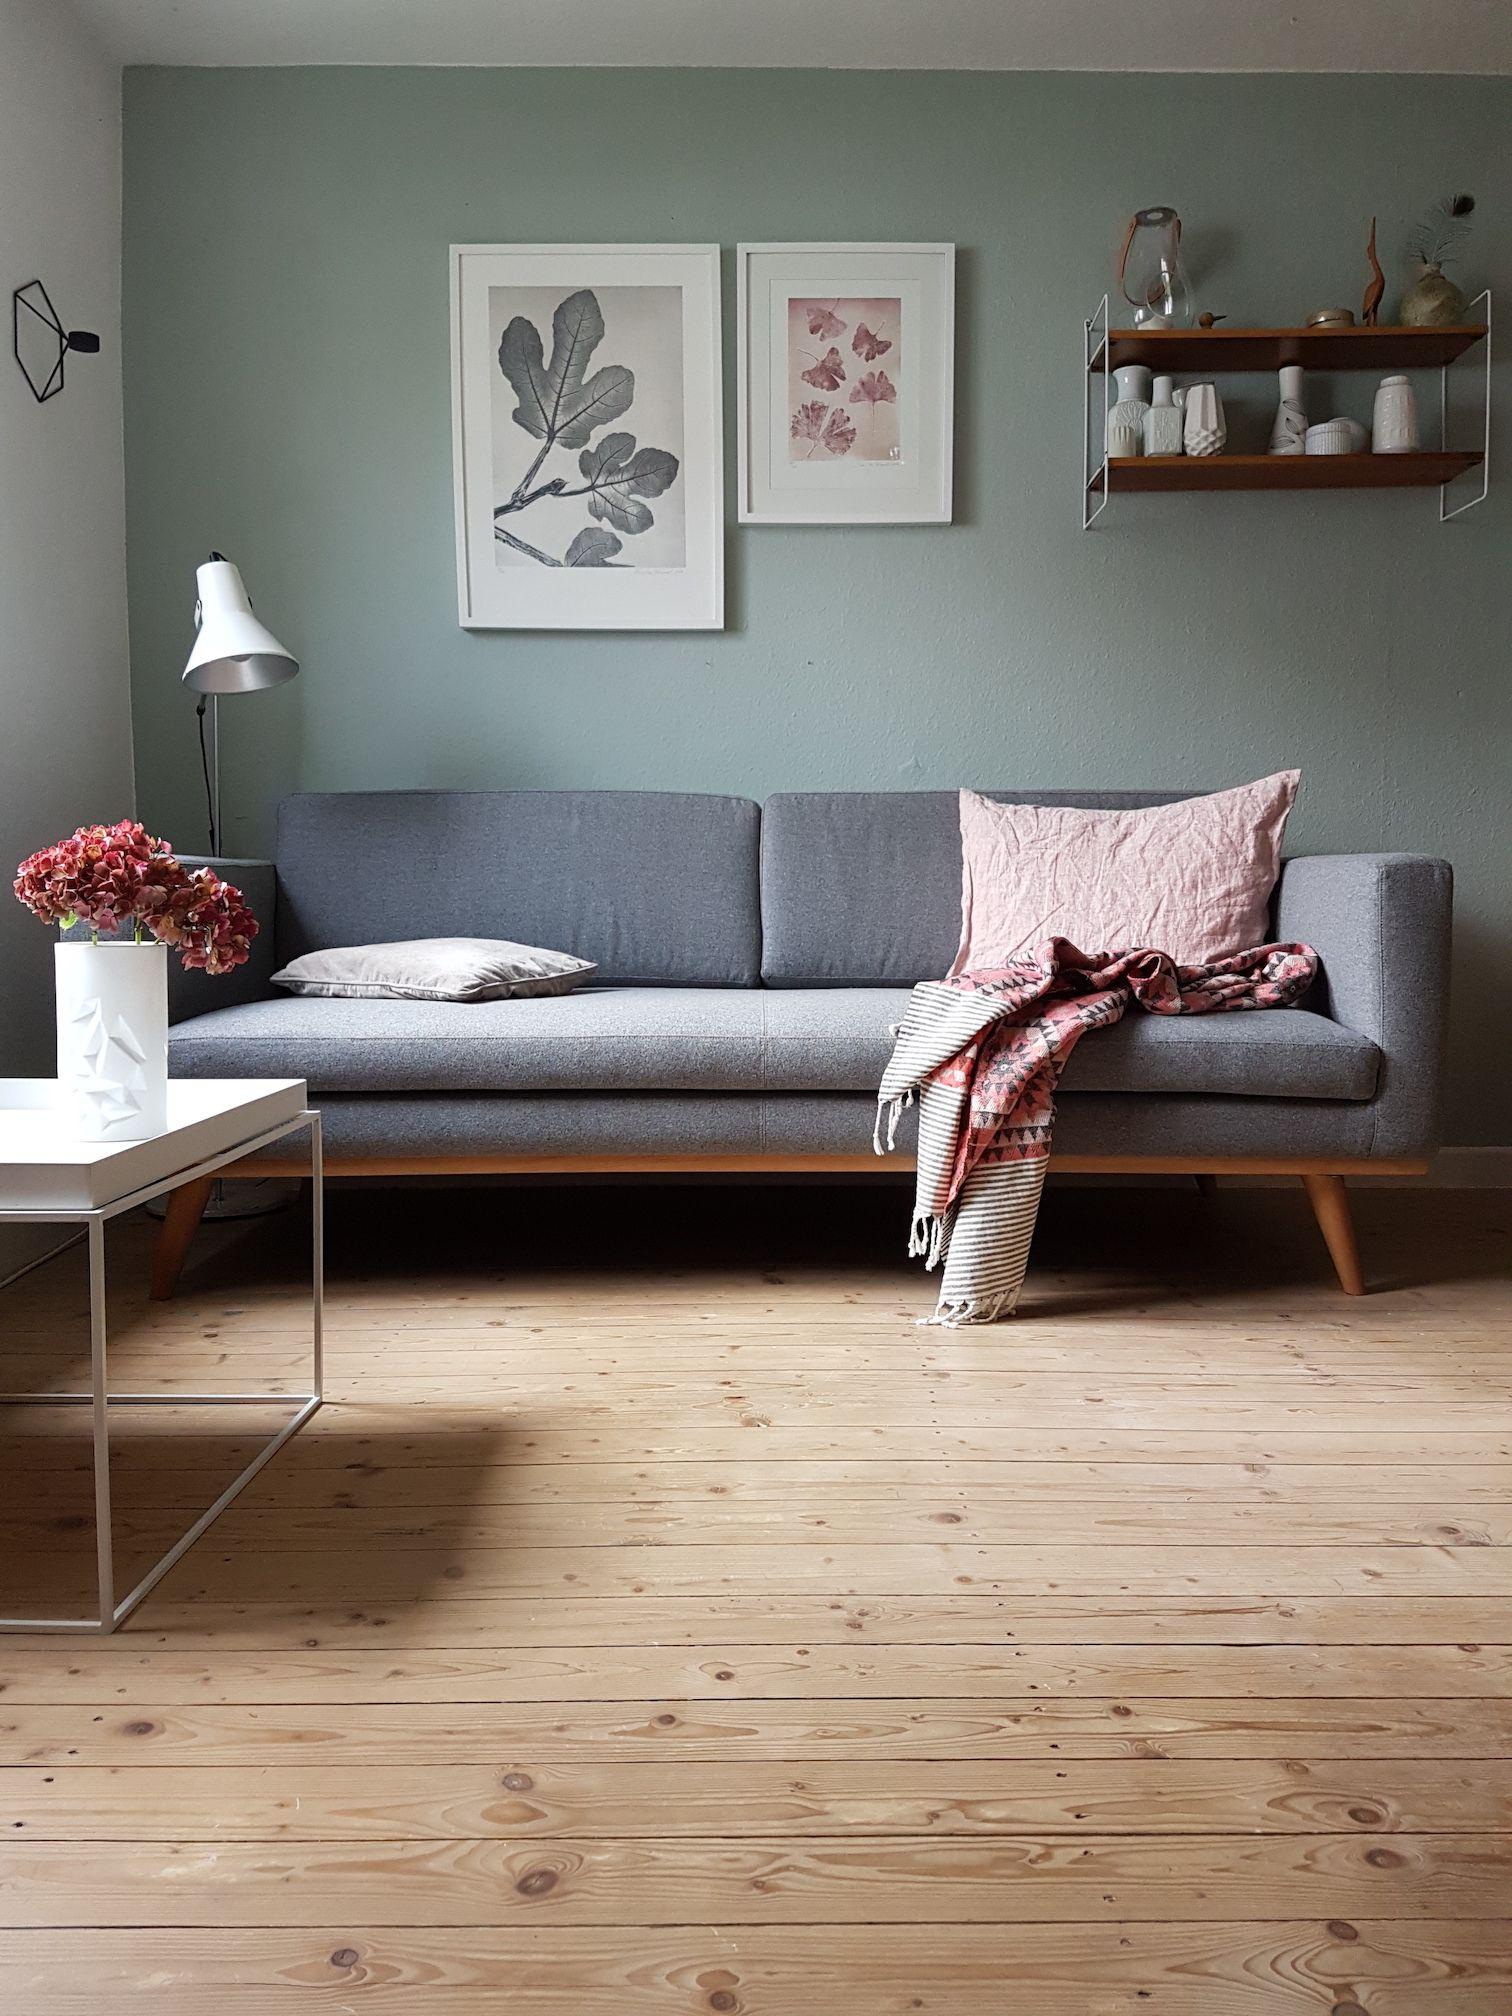 Interview Und Homestory Mit Daniela Aka Wunderblumen Wohnzimmer Farbe Wandfarbe Wohnzimmer Wohnzimmerfarbe